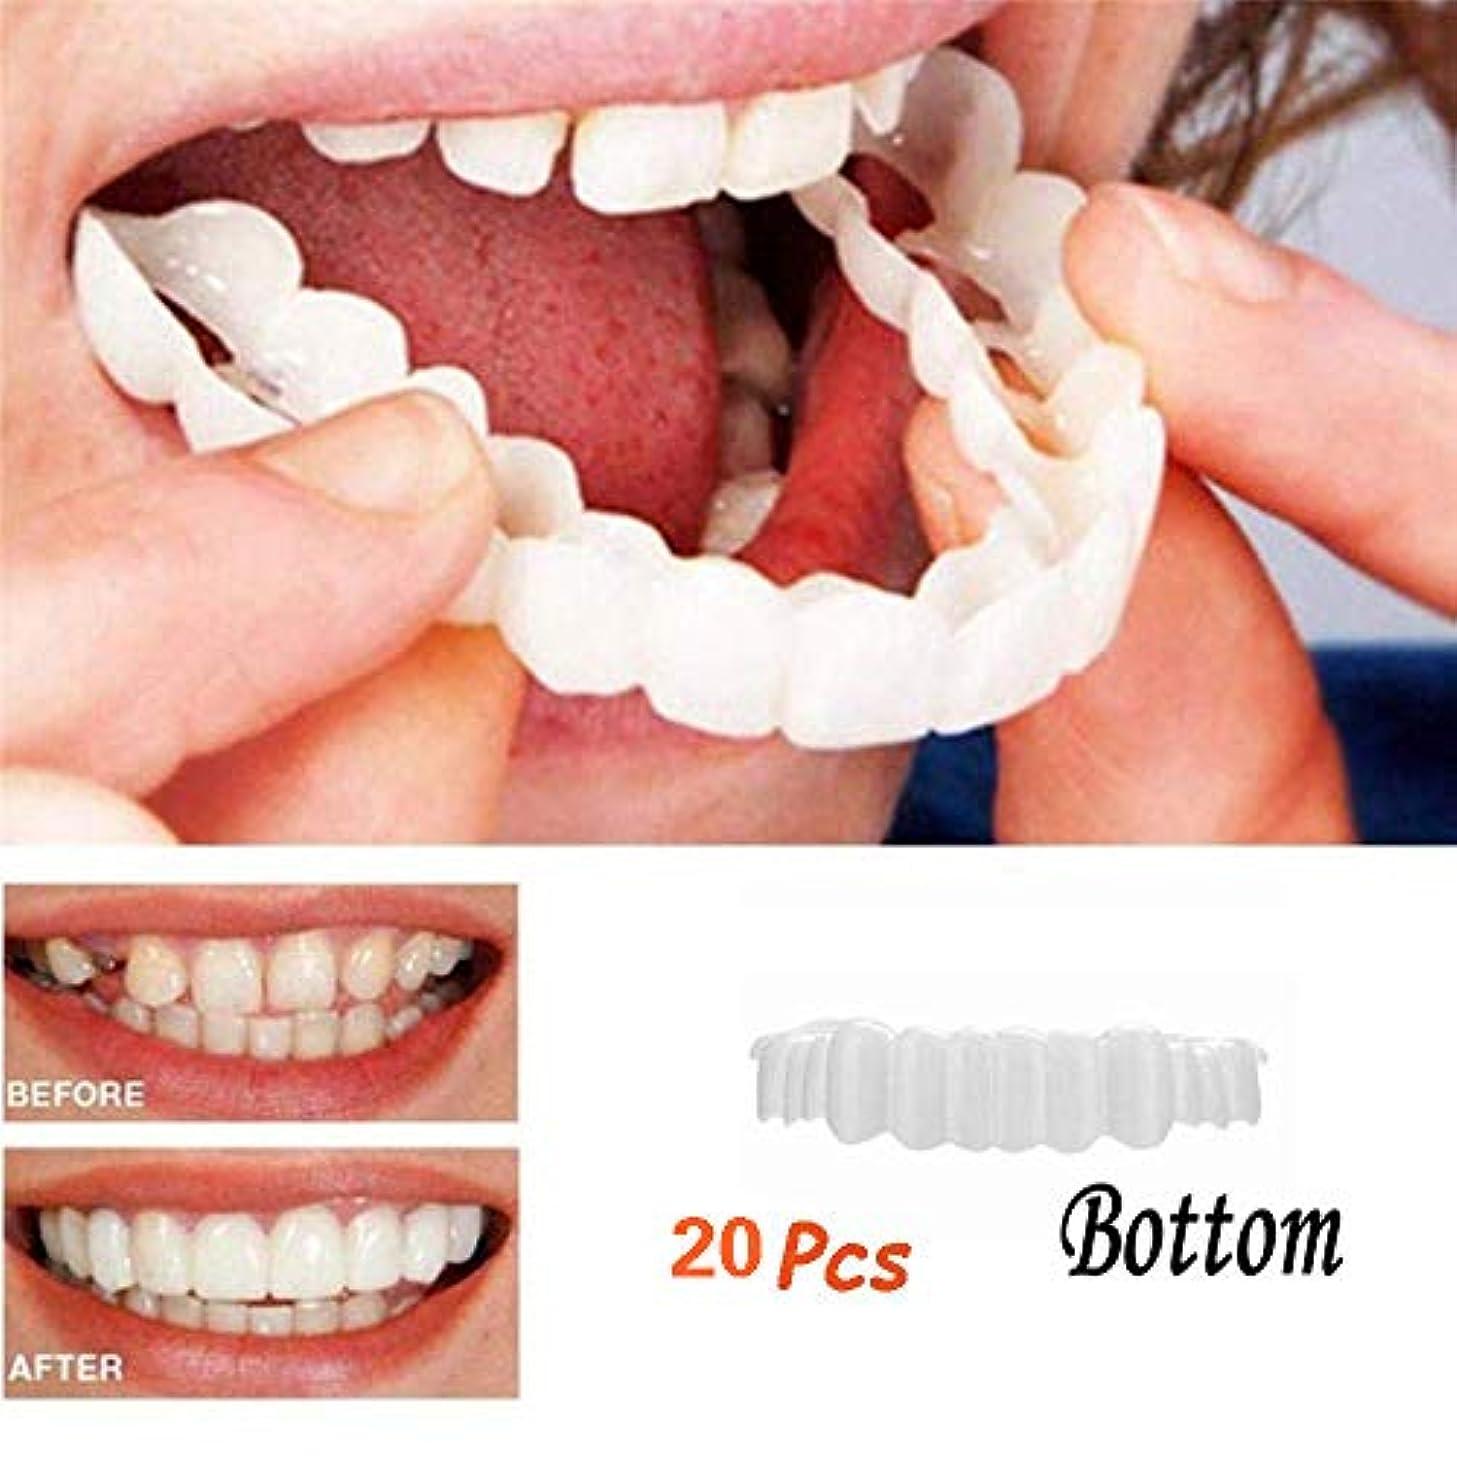 可能にする乳製品大臣20ピースボトム化粧品歯コンフォートフィットフレックス化粧品歯コーブ義歯歯のホワイトニングスナップオンインスタント笑顔サイズフィット